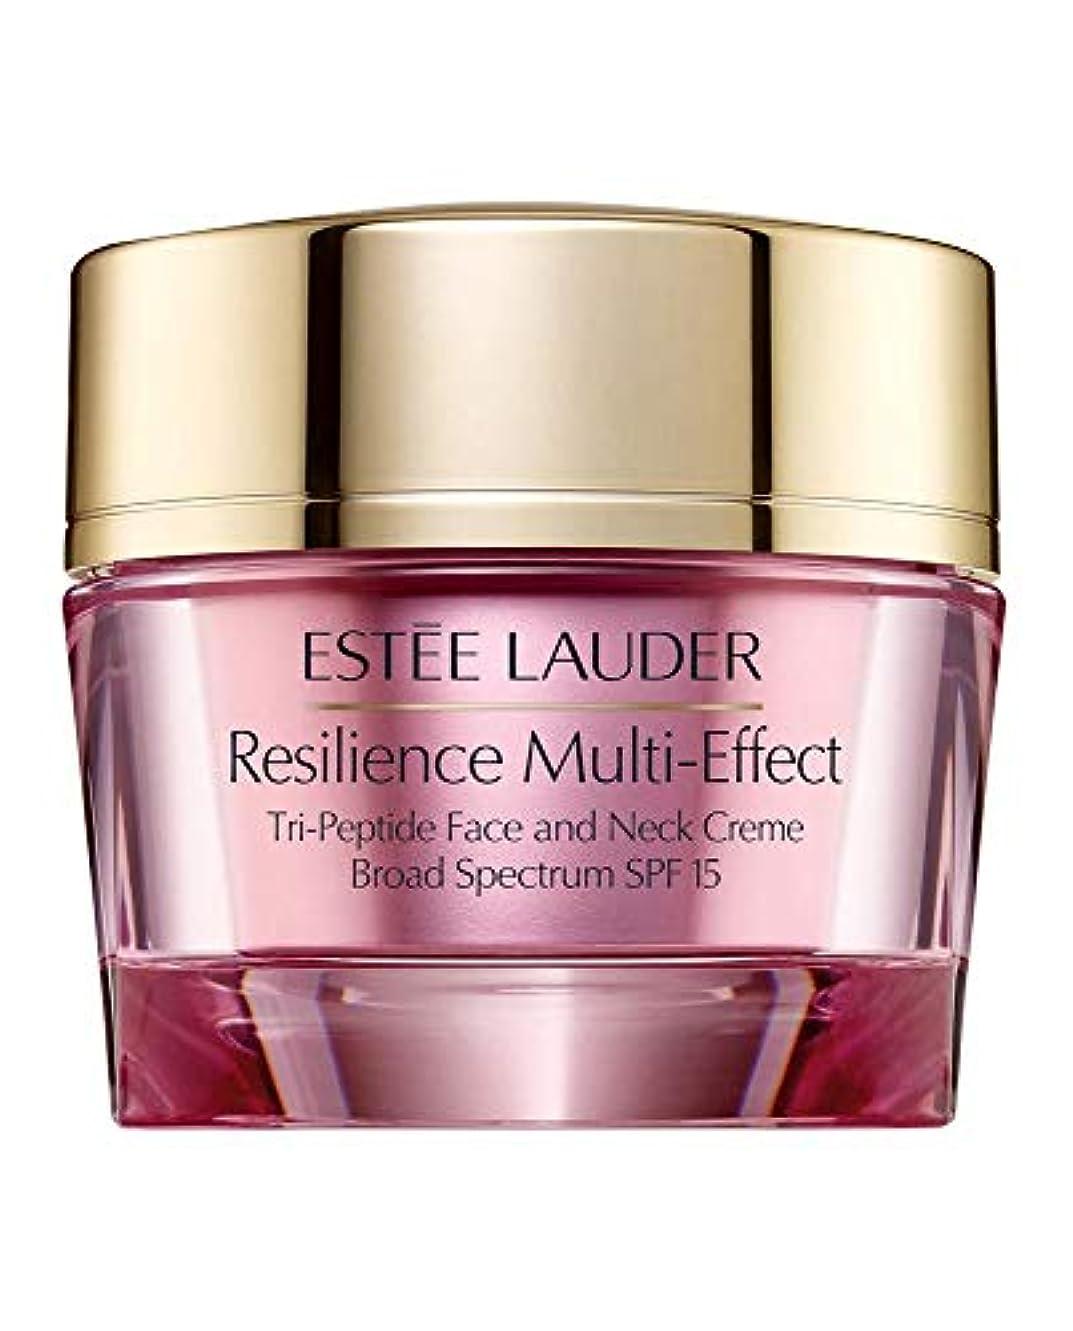 葉スチュワーデス前者エスティローダー Resilience Multi-Effect Tri-Peptide Face and Neck Creme SPF 15 - For Dry Skin 50ml/1.7oz並行輸入品